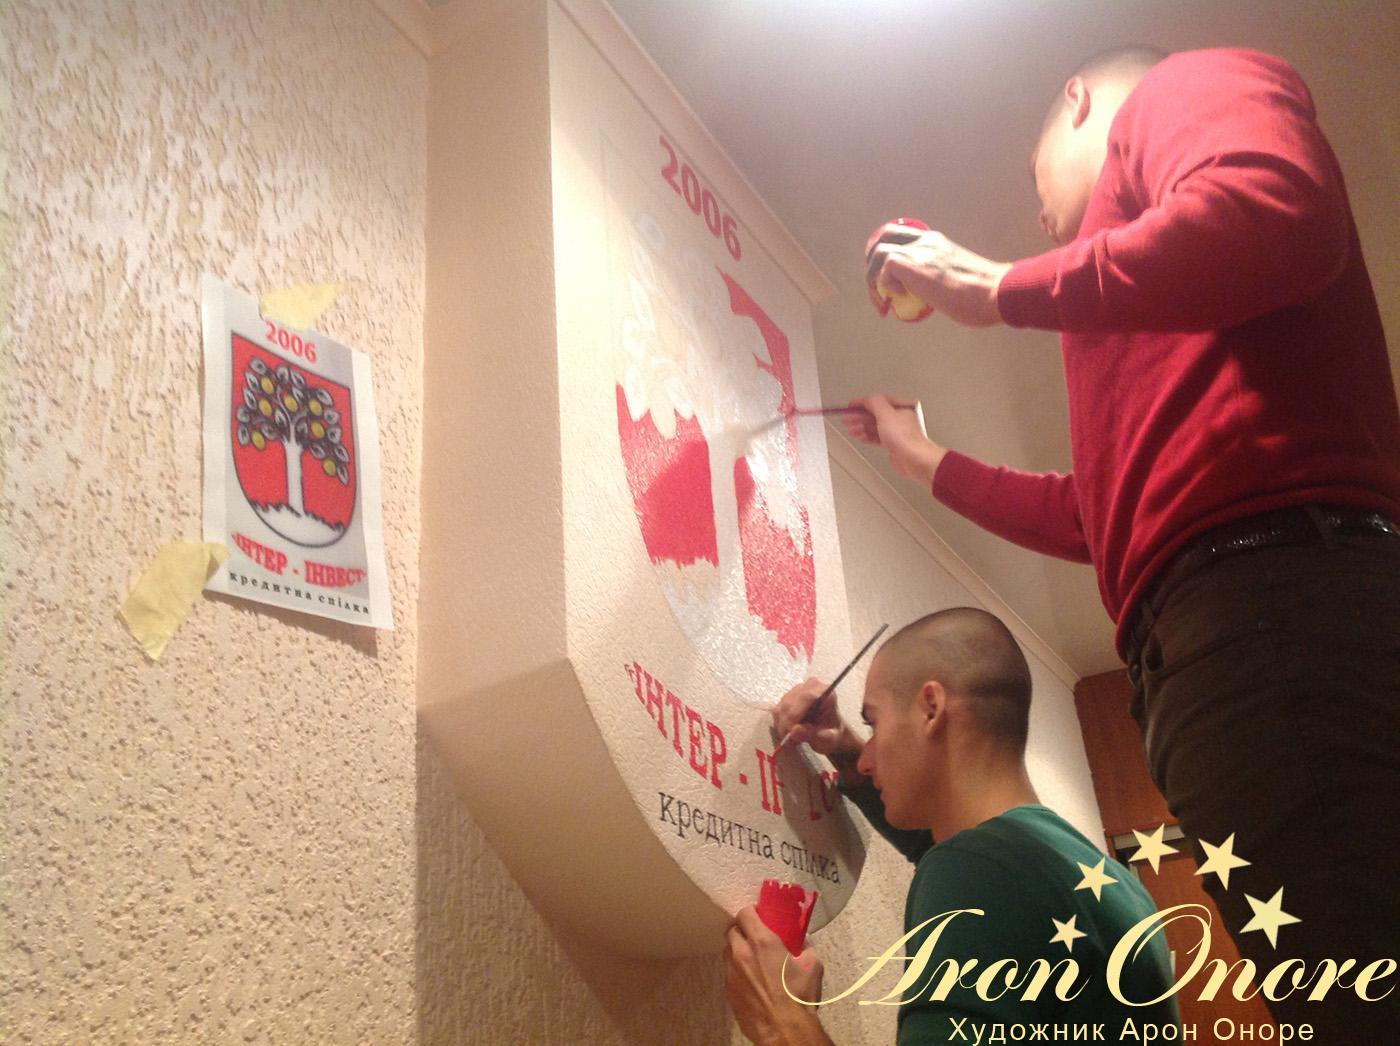 Процесс создание художественного логотипа на стене